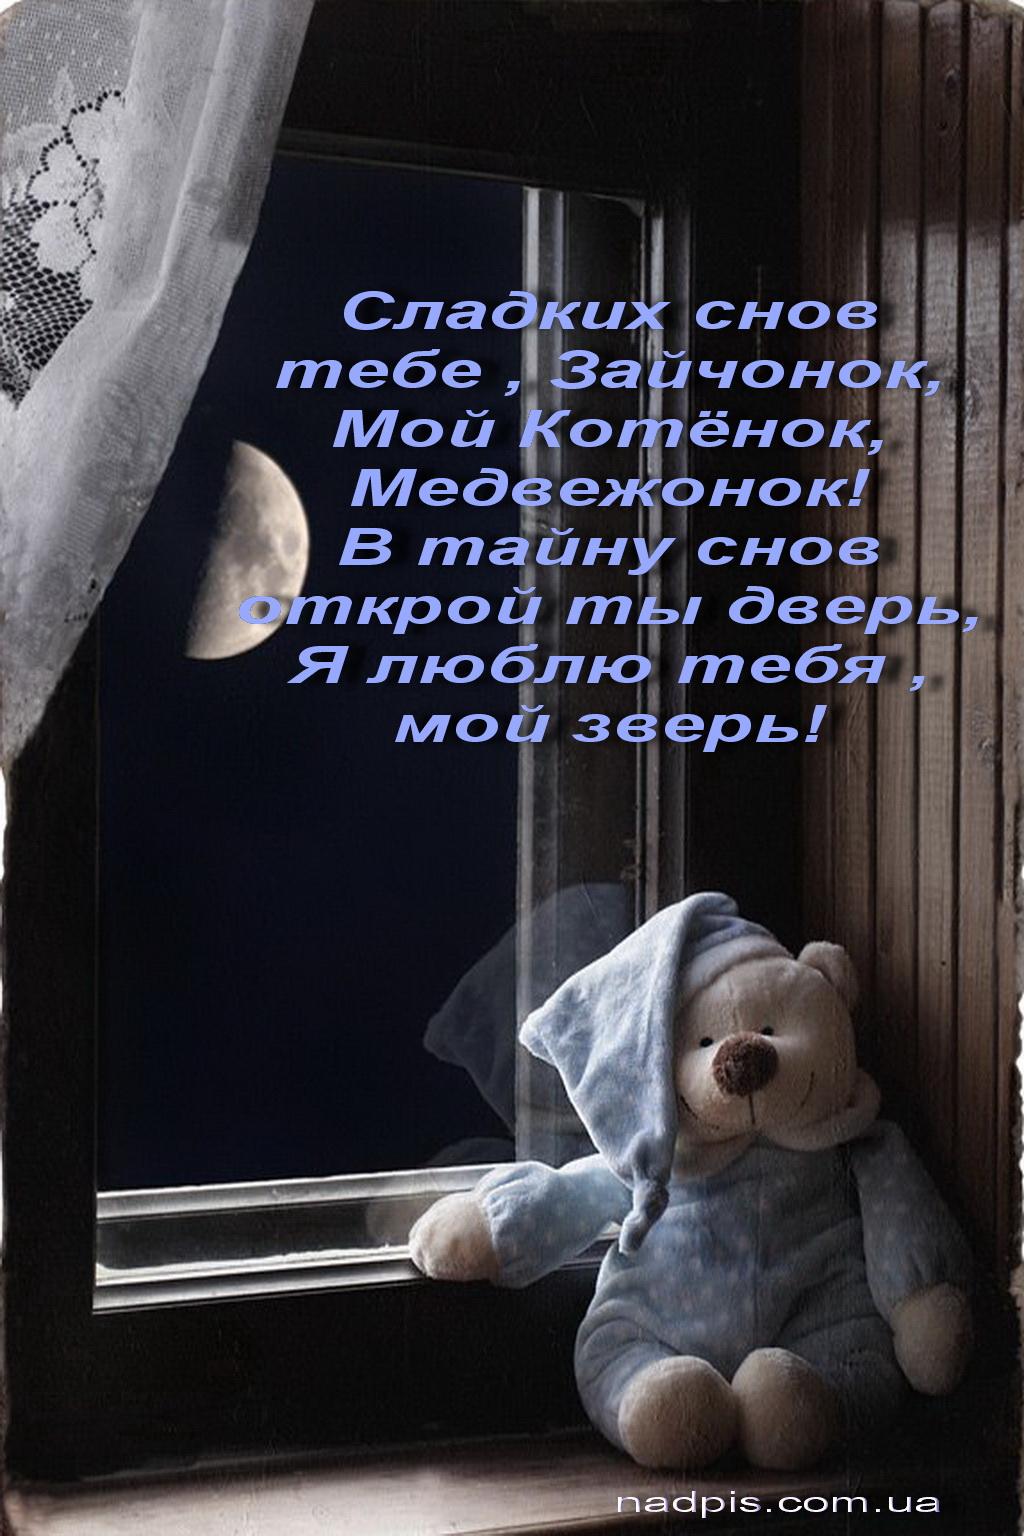 Сладких снов тебе, зайчонок